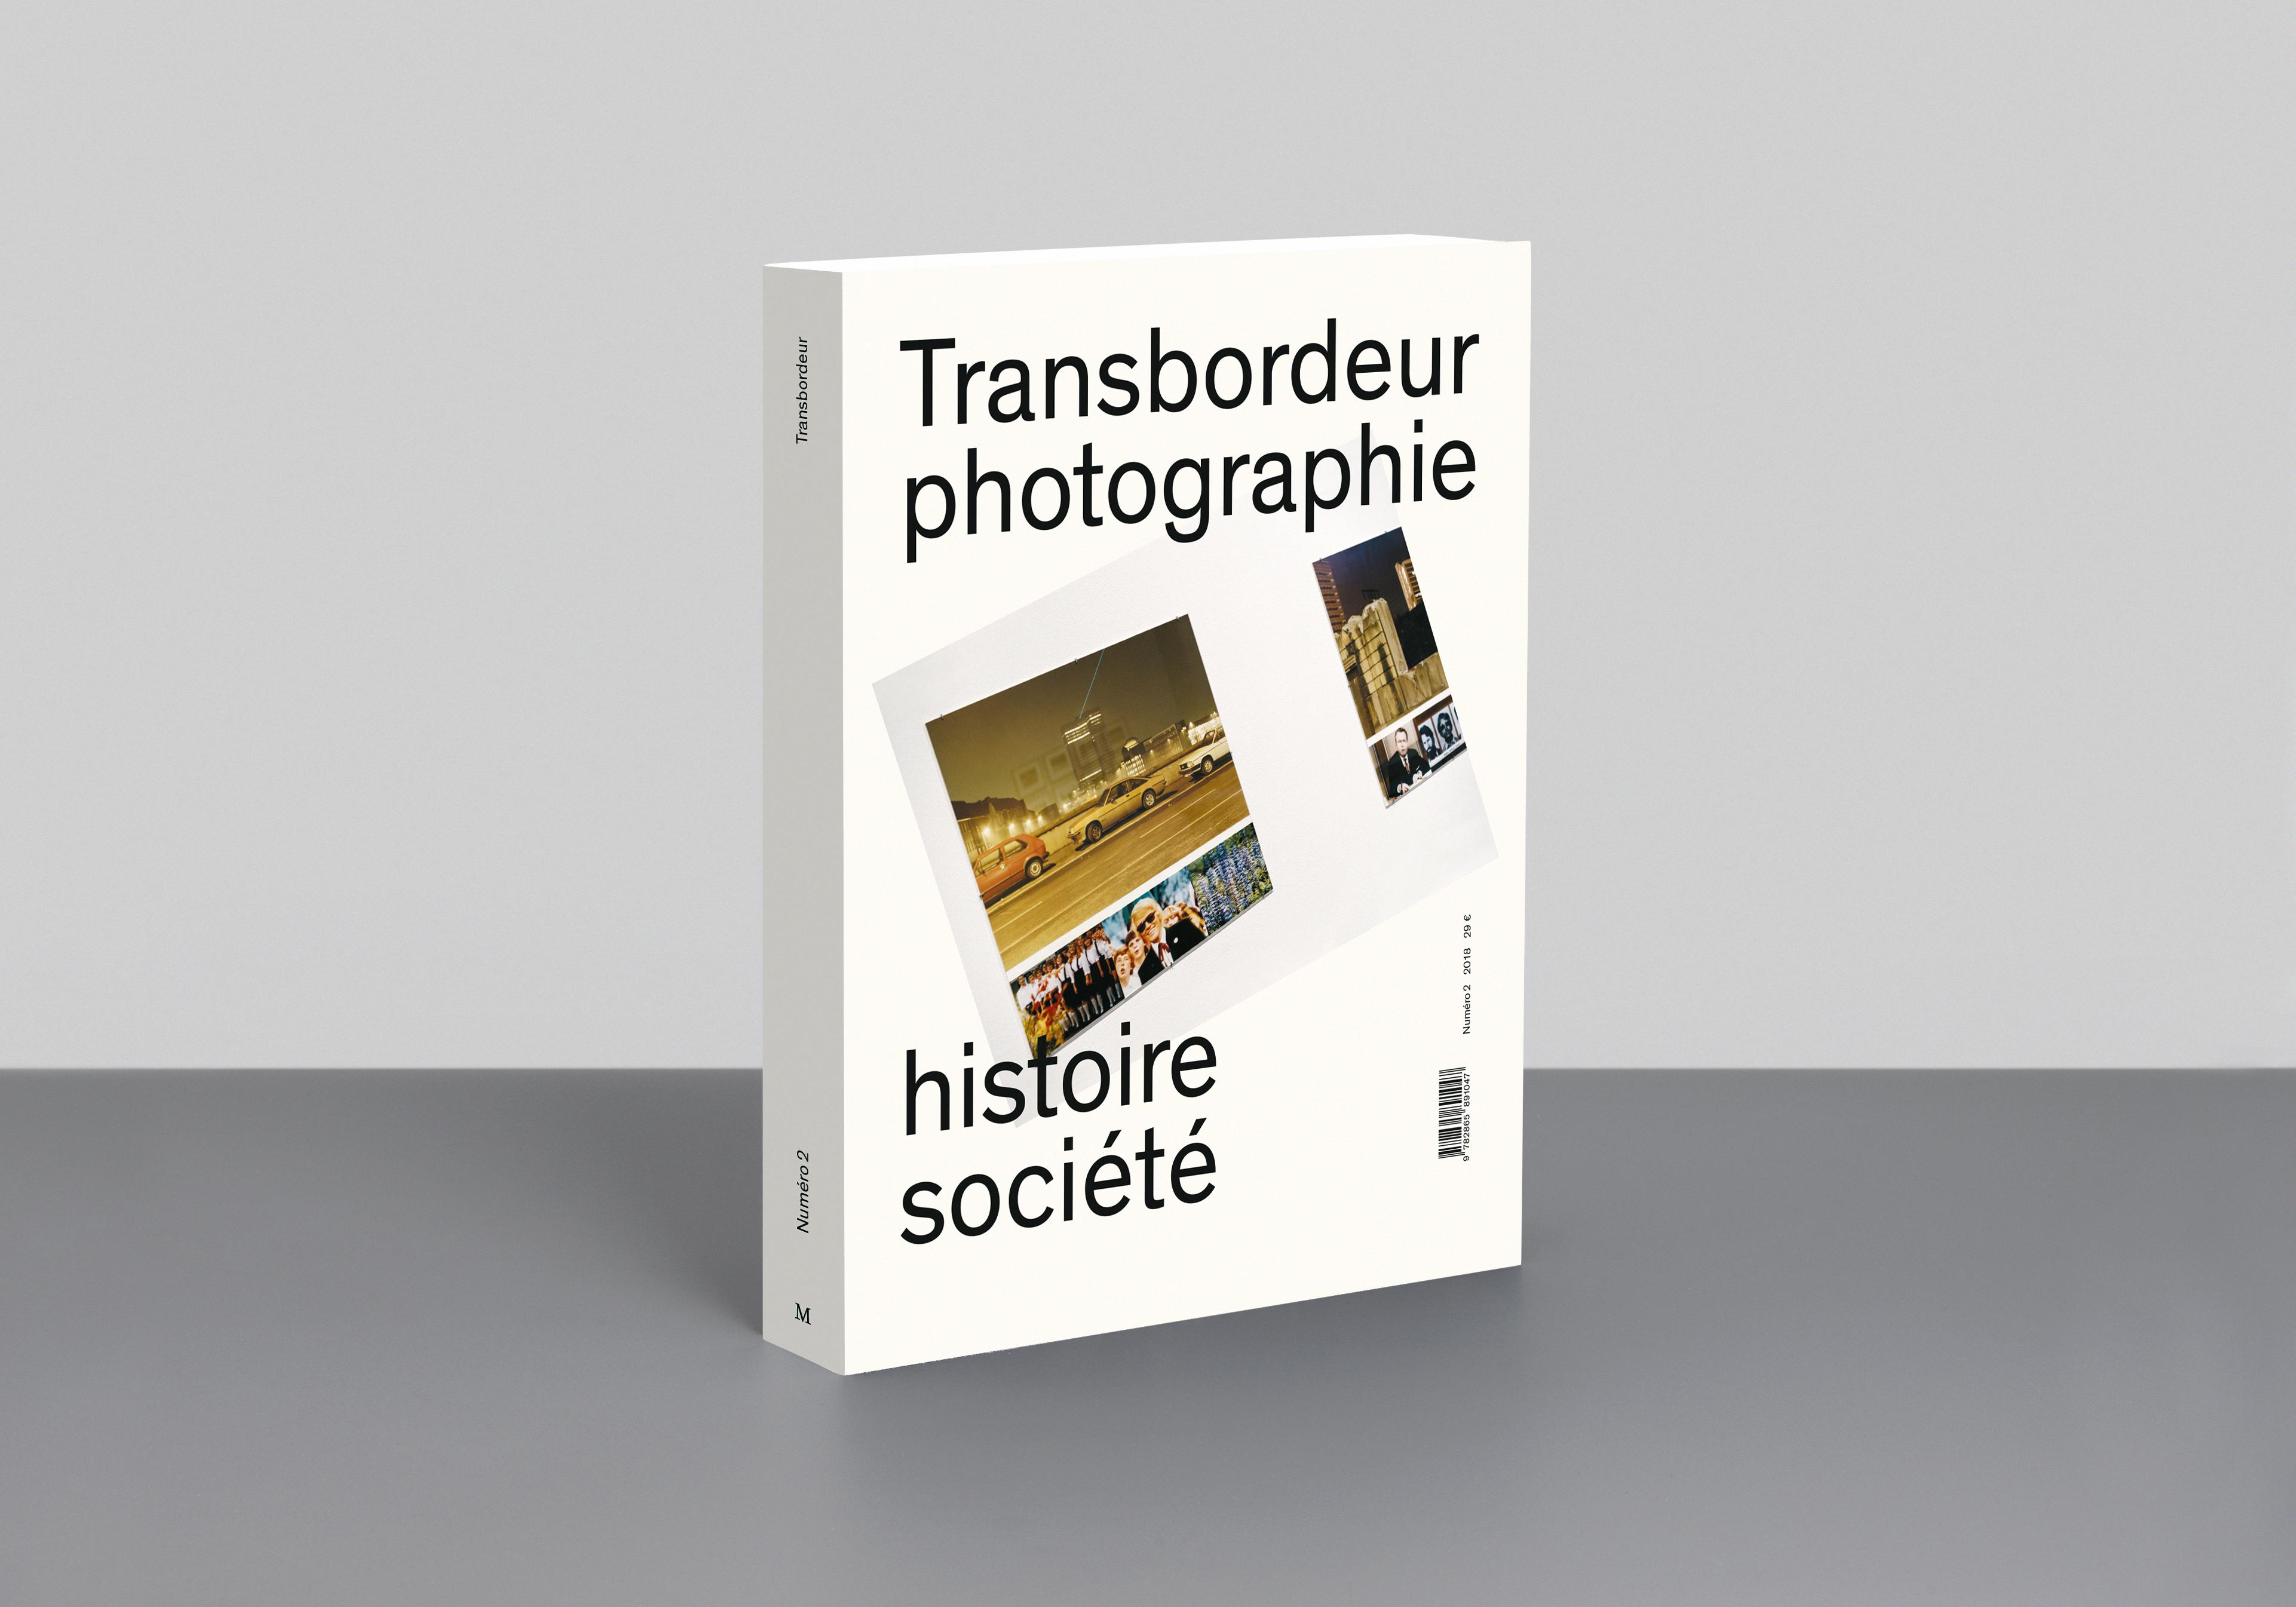 TRANSBORDEUR N 2 - PHOTOGRAPHIE, HISTOIRE ET SOCIETE - PHOTOGRAPHIE ET EXPOSITION